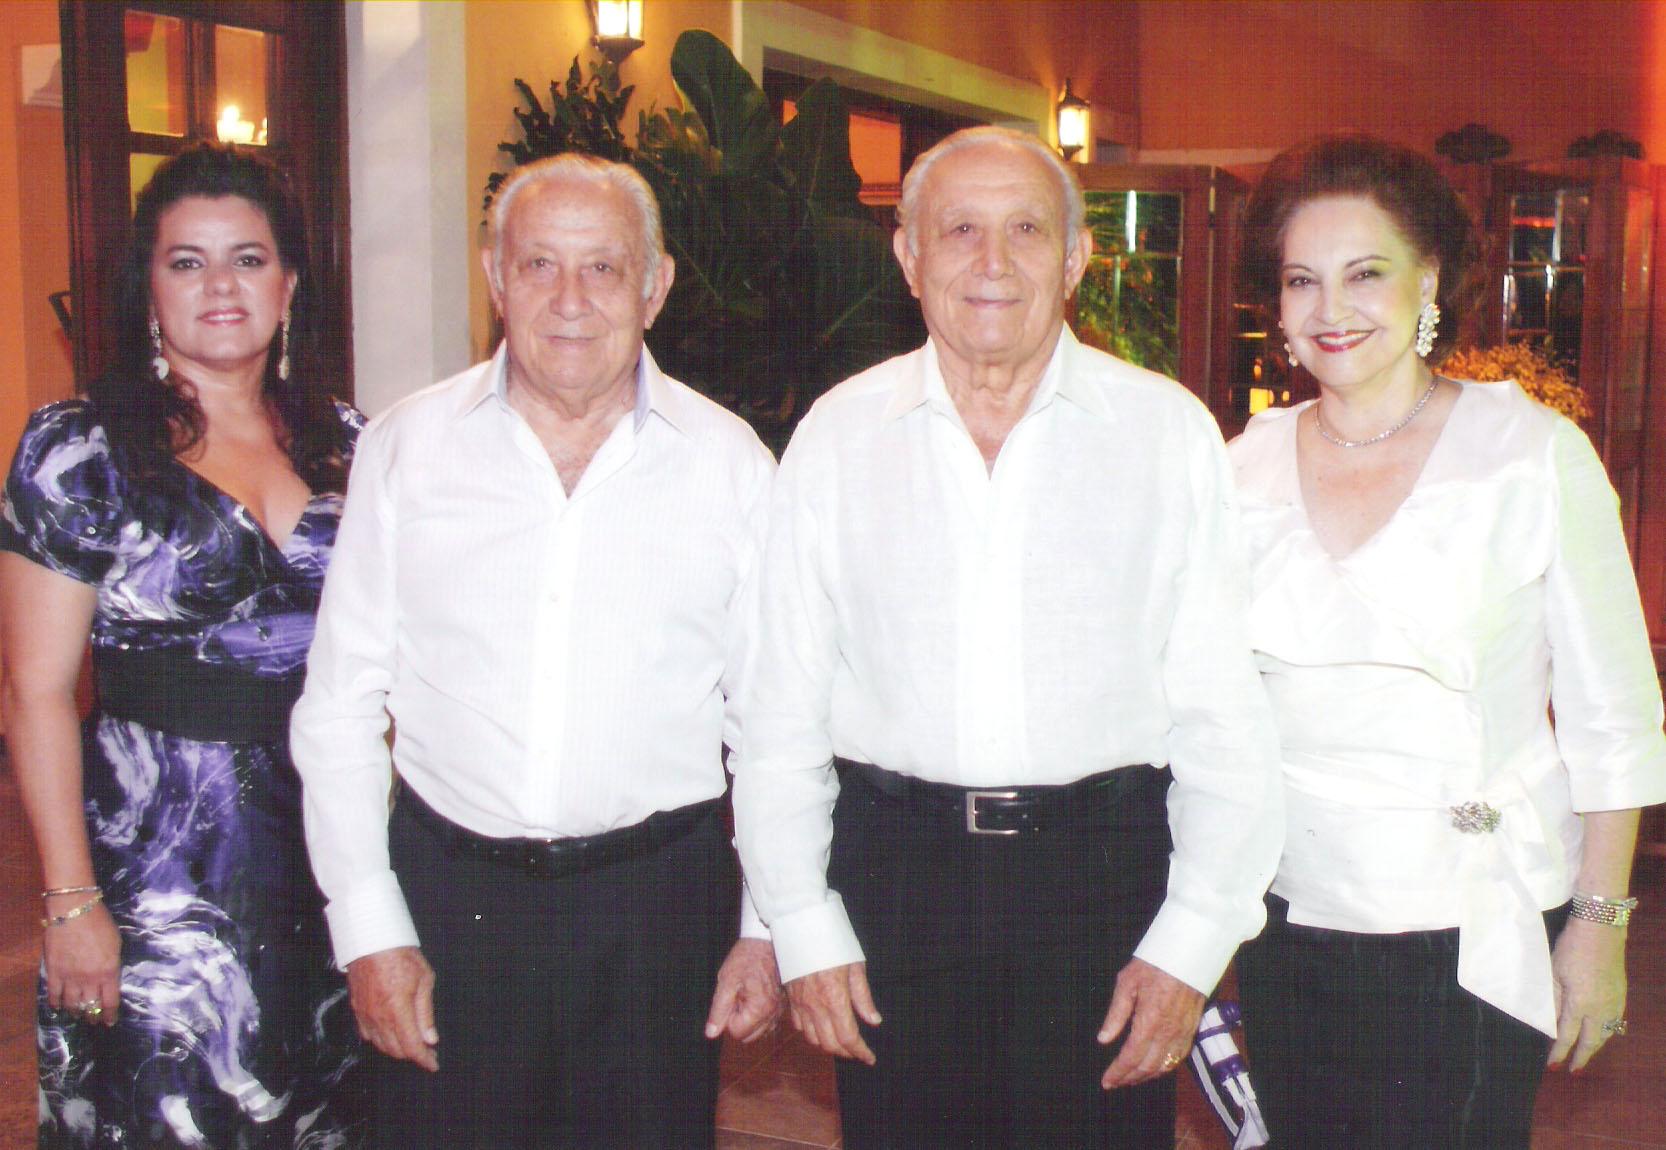 Seguindo a longínqua tradição Adauto e Humberto Bezerra comemoram os 93 anos